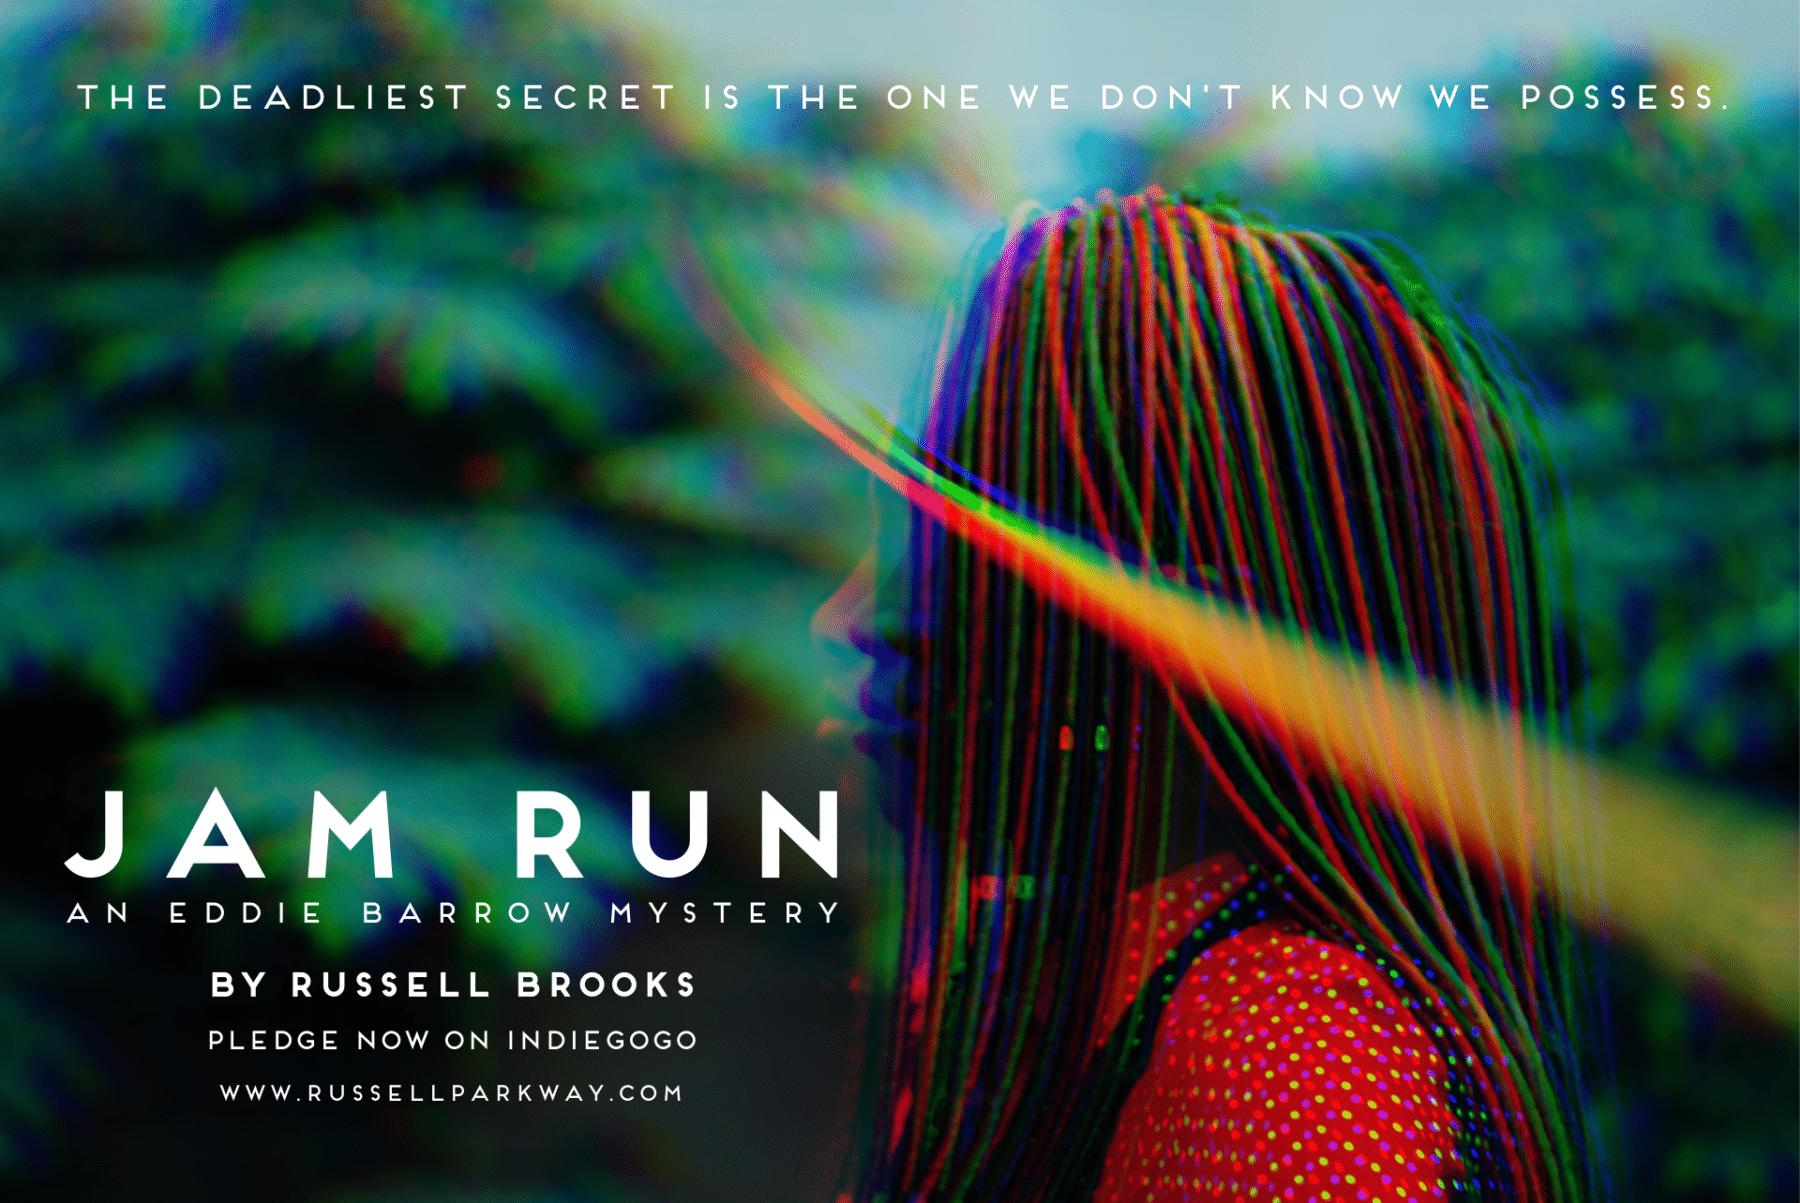 Jam Run Book Coming in 2022